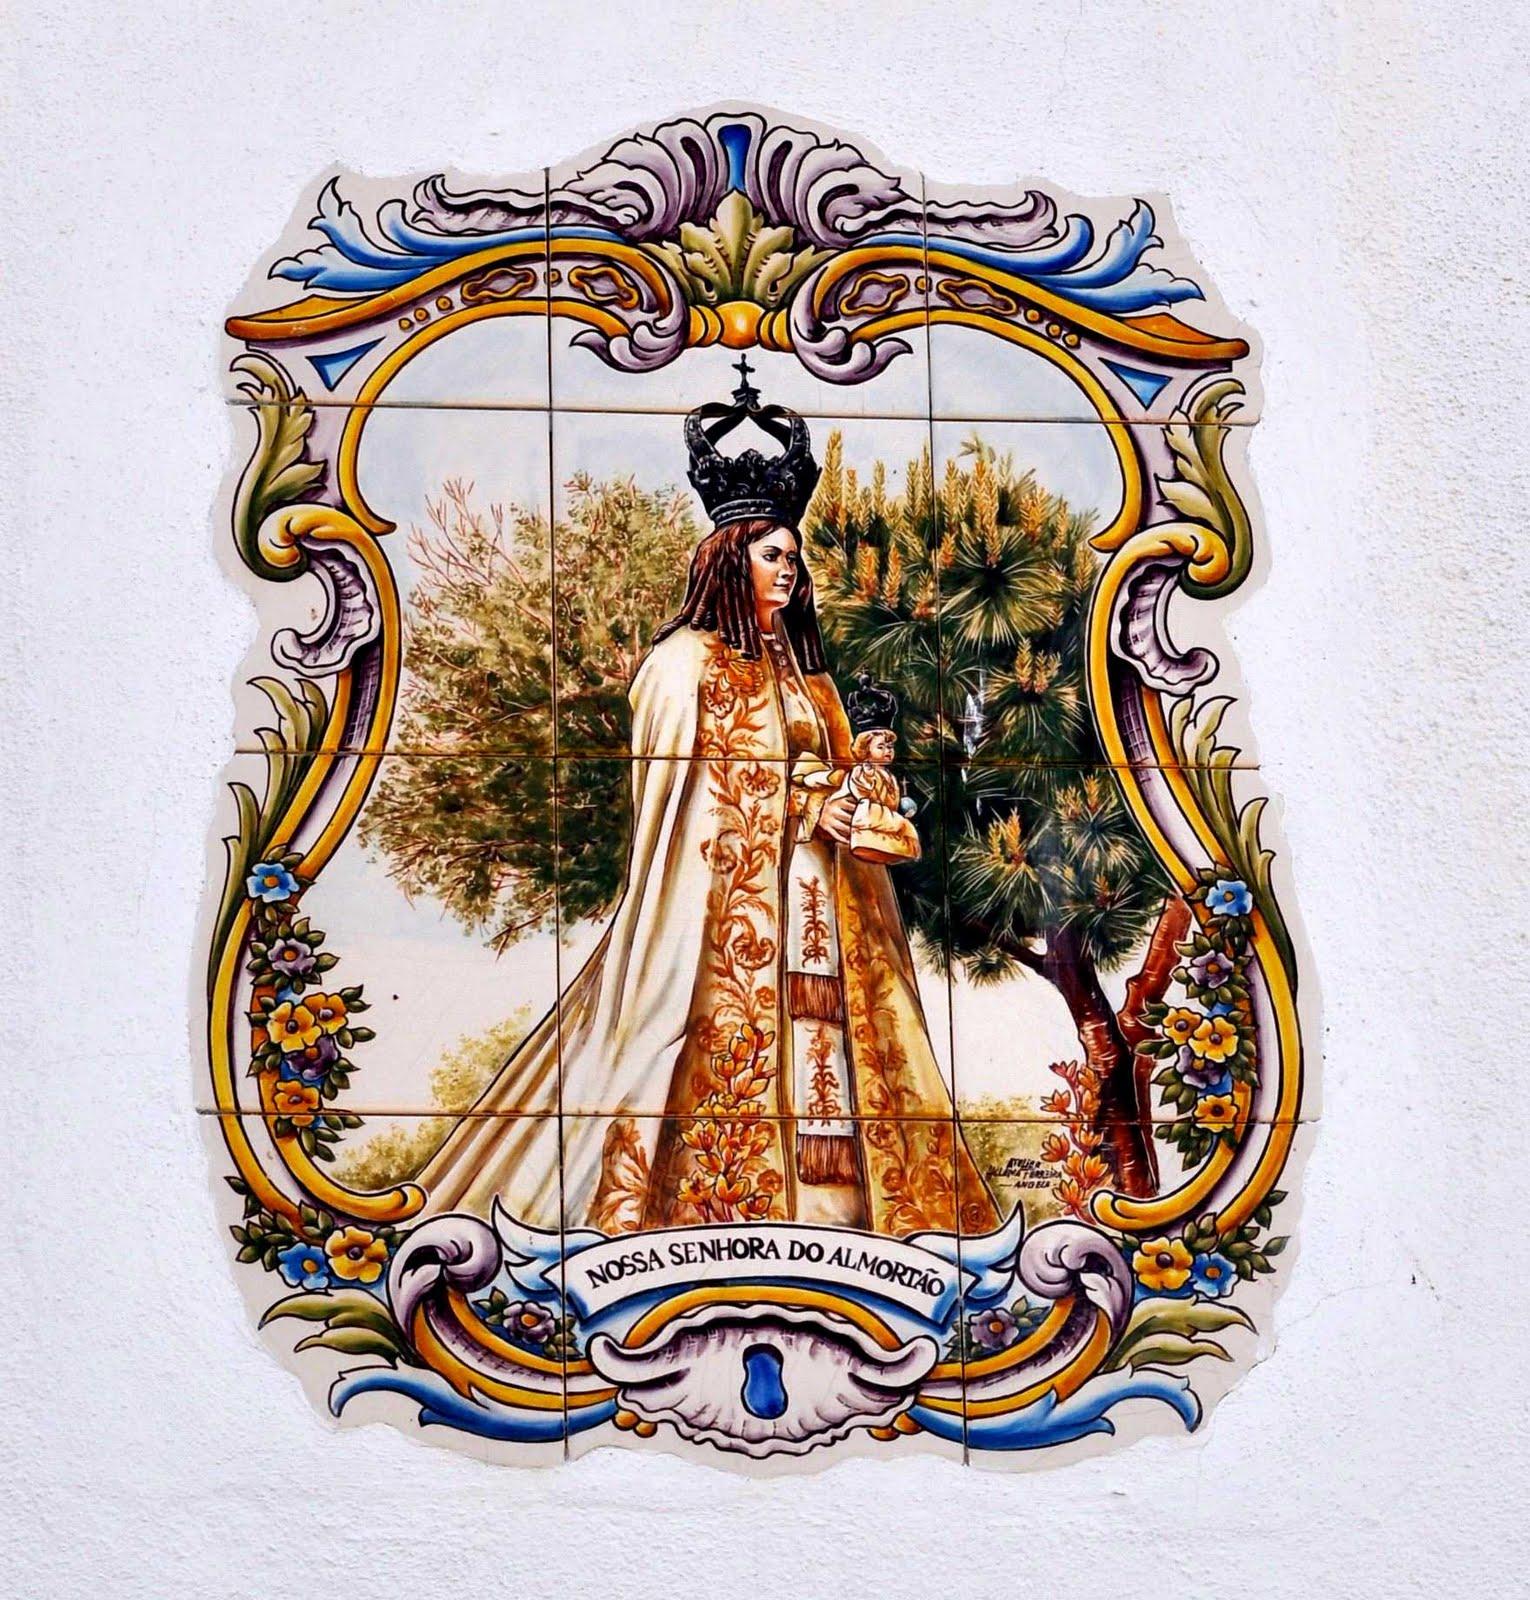 Senhora do Almortão – Lenda e Música